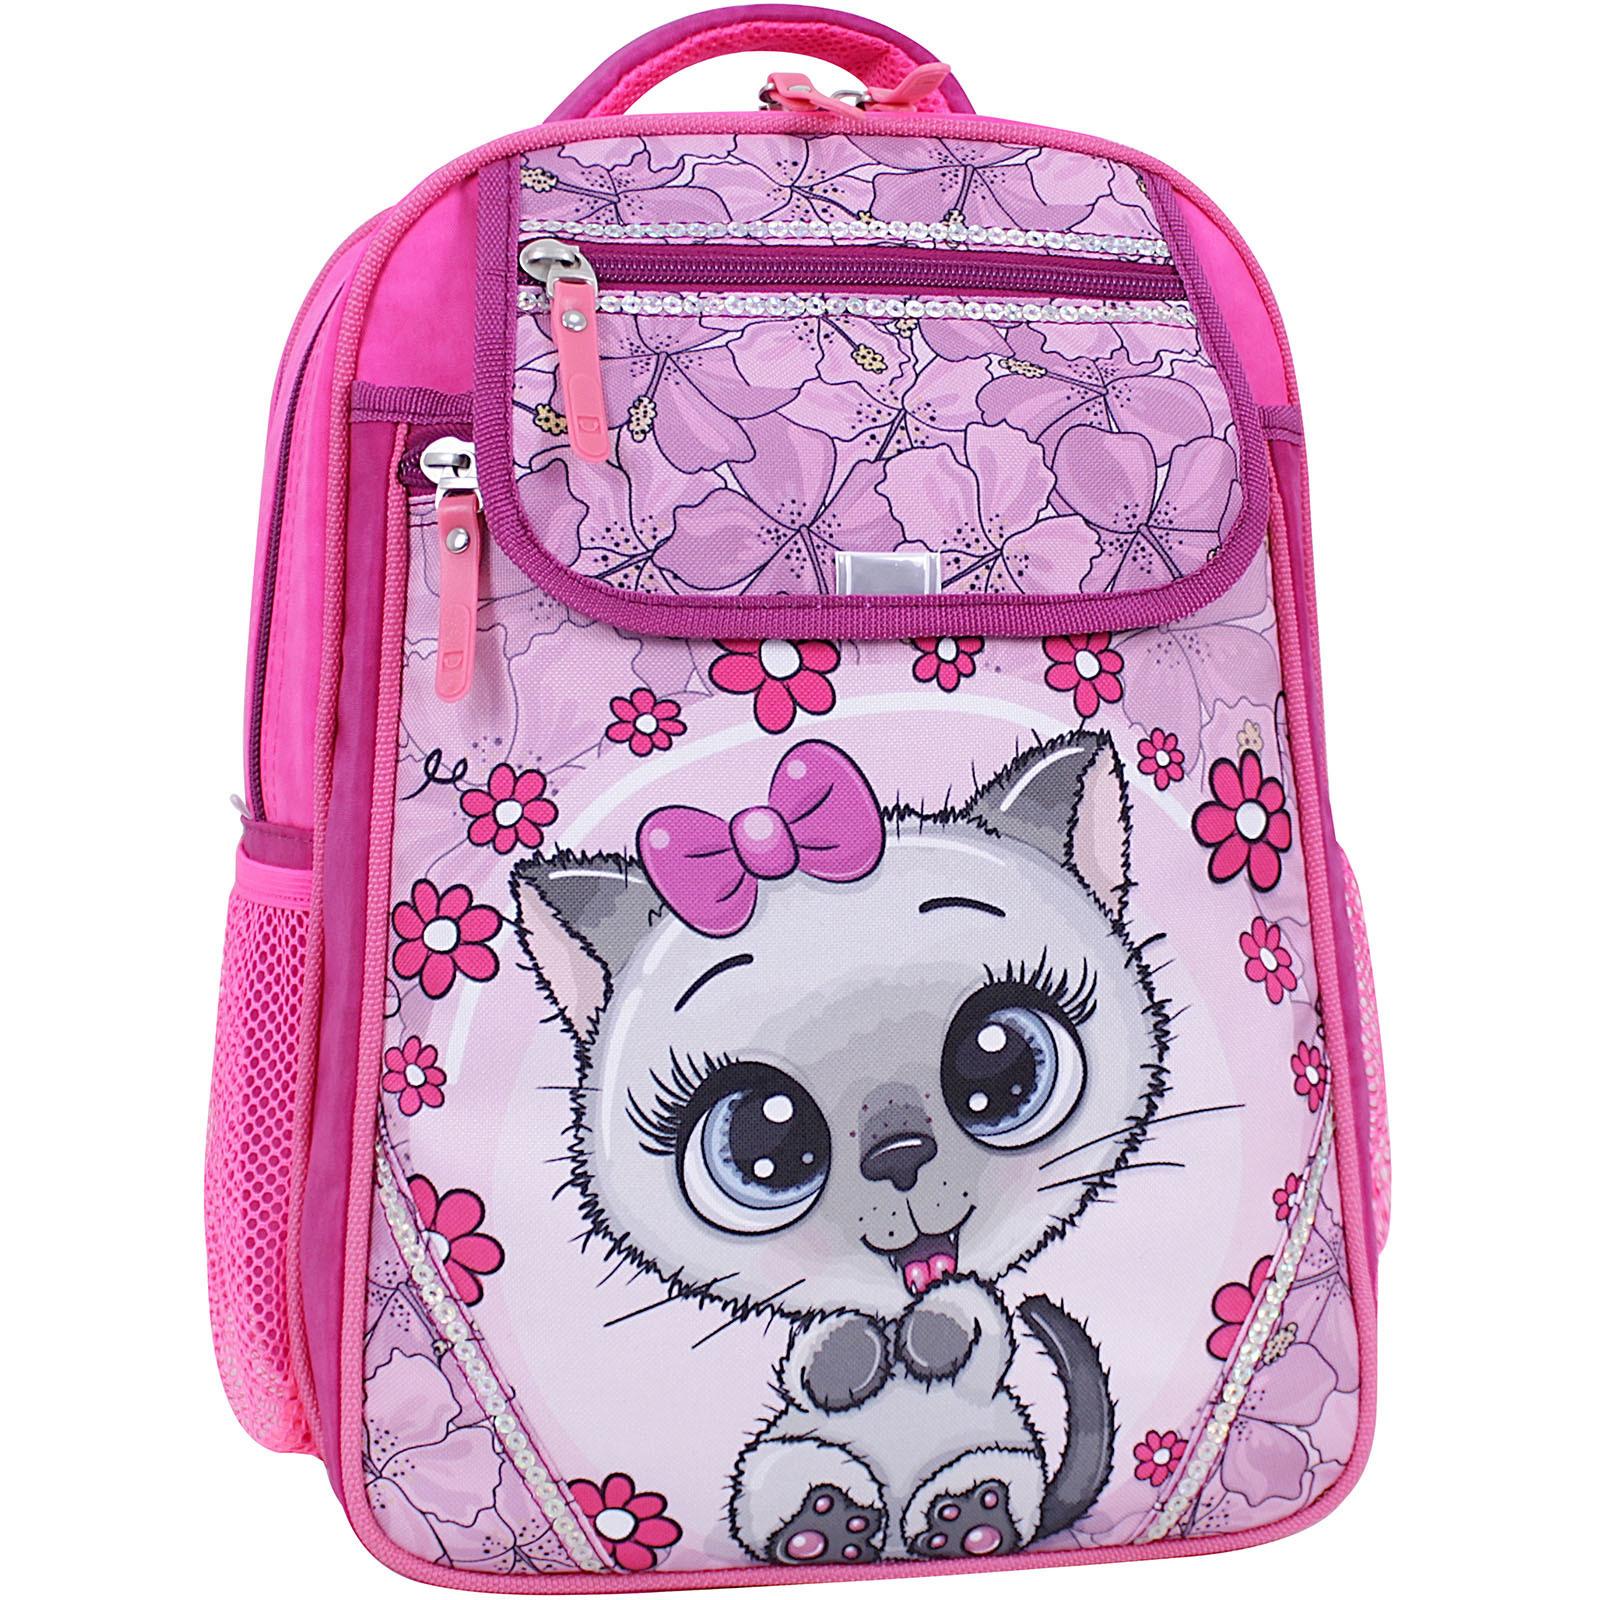 Для детей Рюкзак школьный Bagland Отличник 20 л. 143 малина 684 (0058070) IMG_1195суб.684.JPG